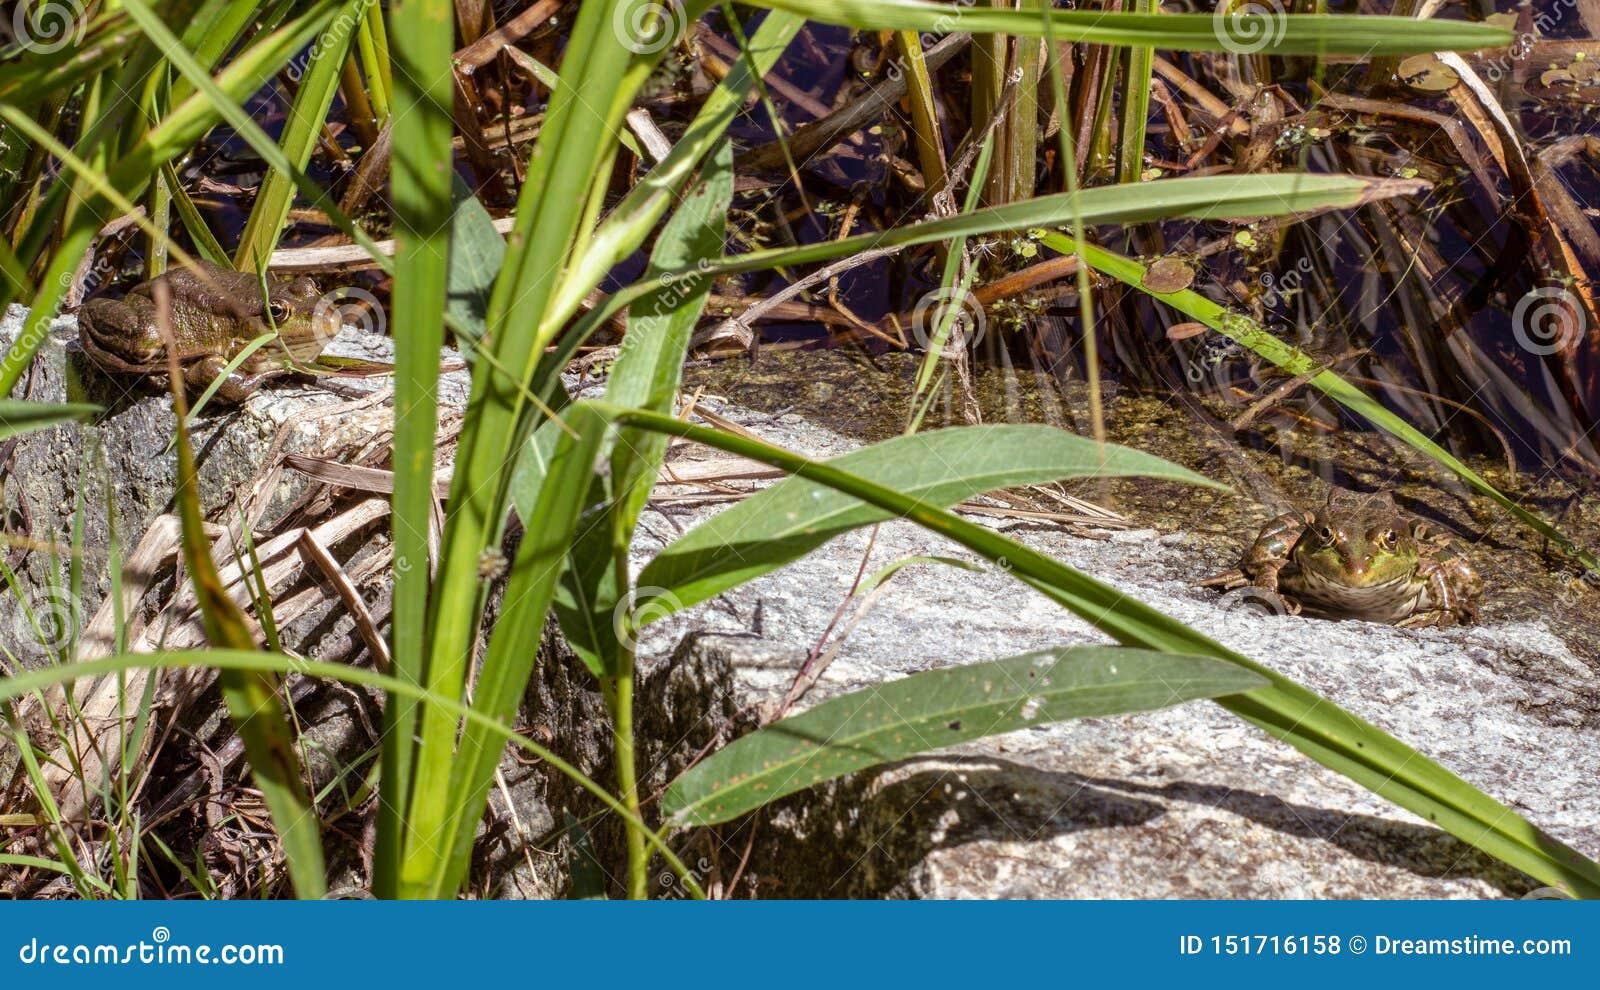 Frösche, die auf einem Stein in einem Teich sich aalen